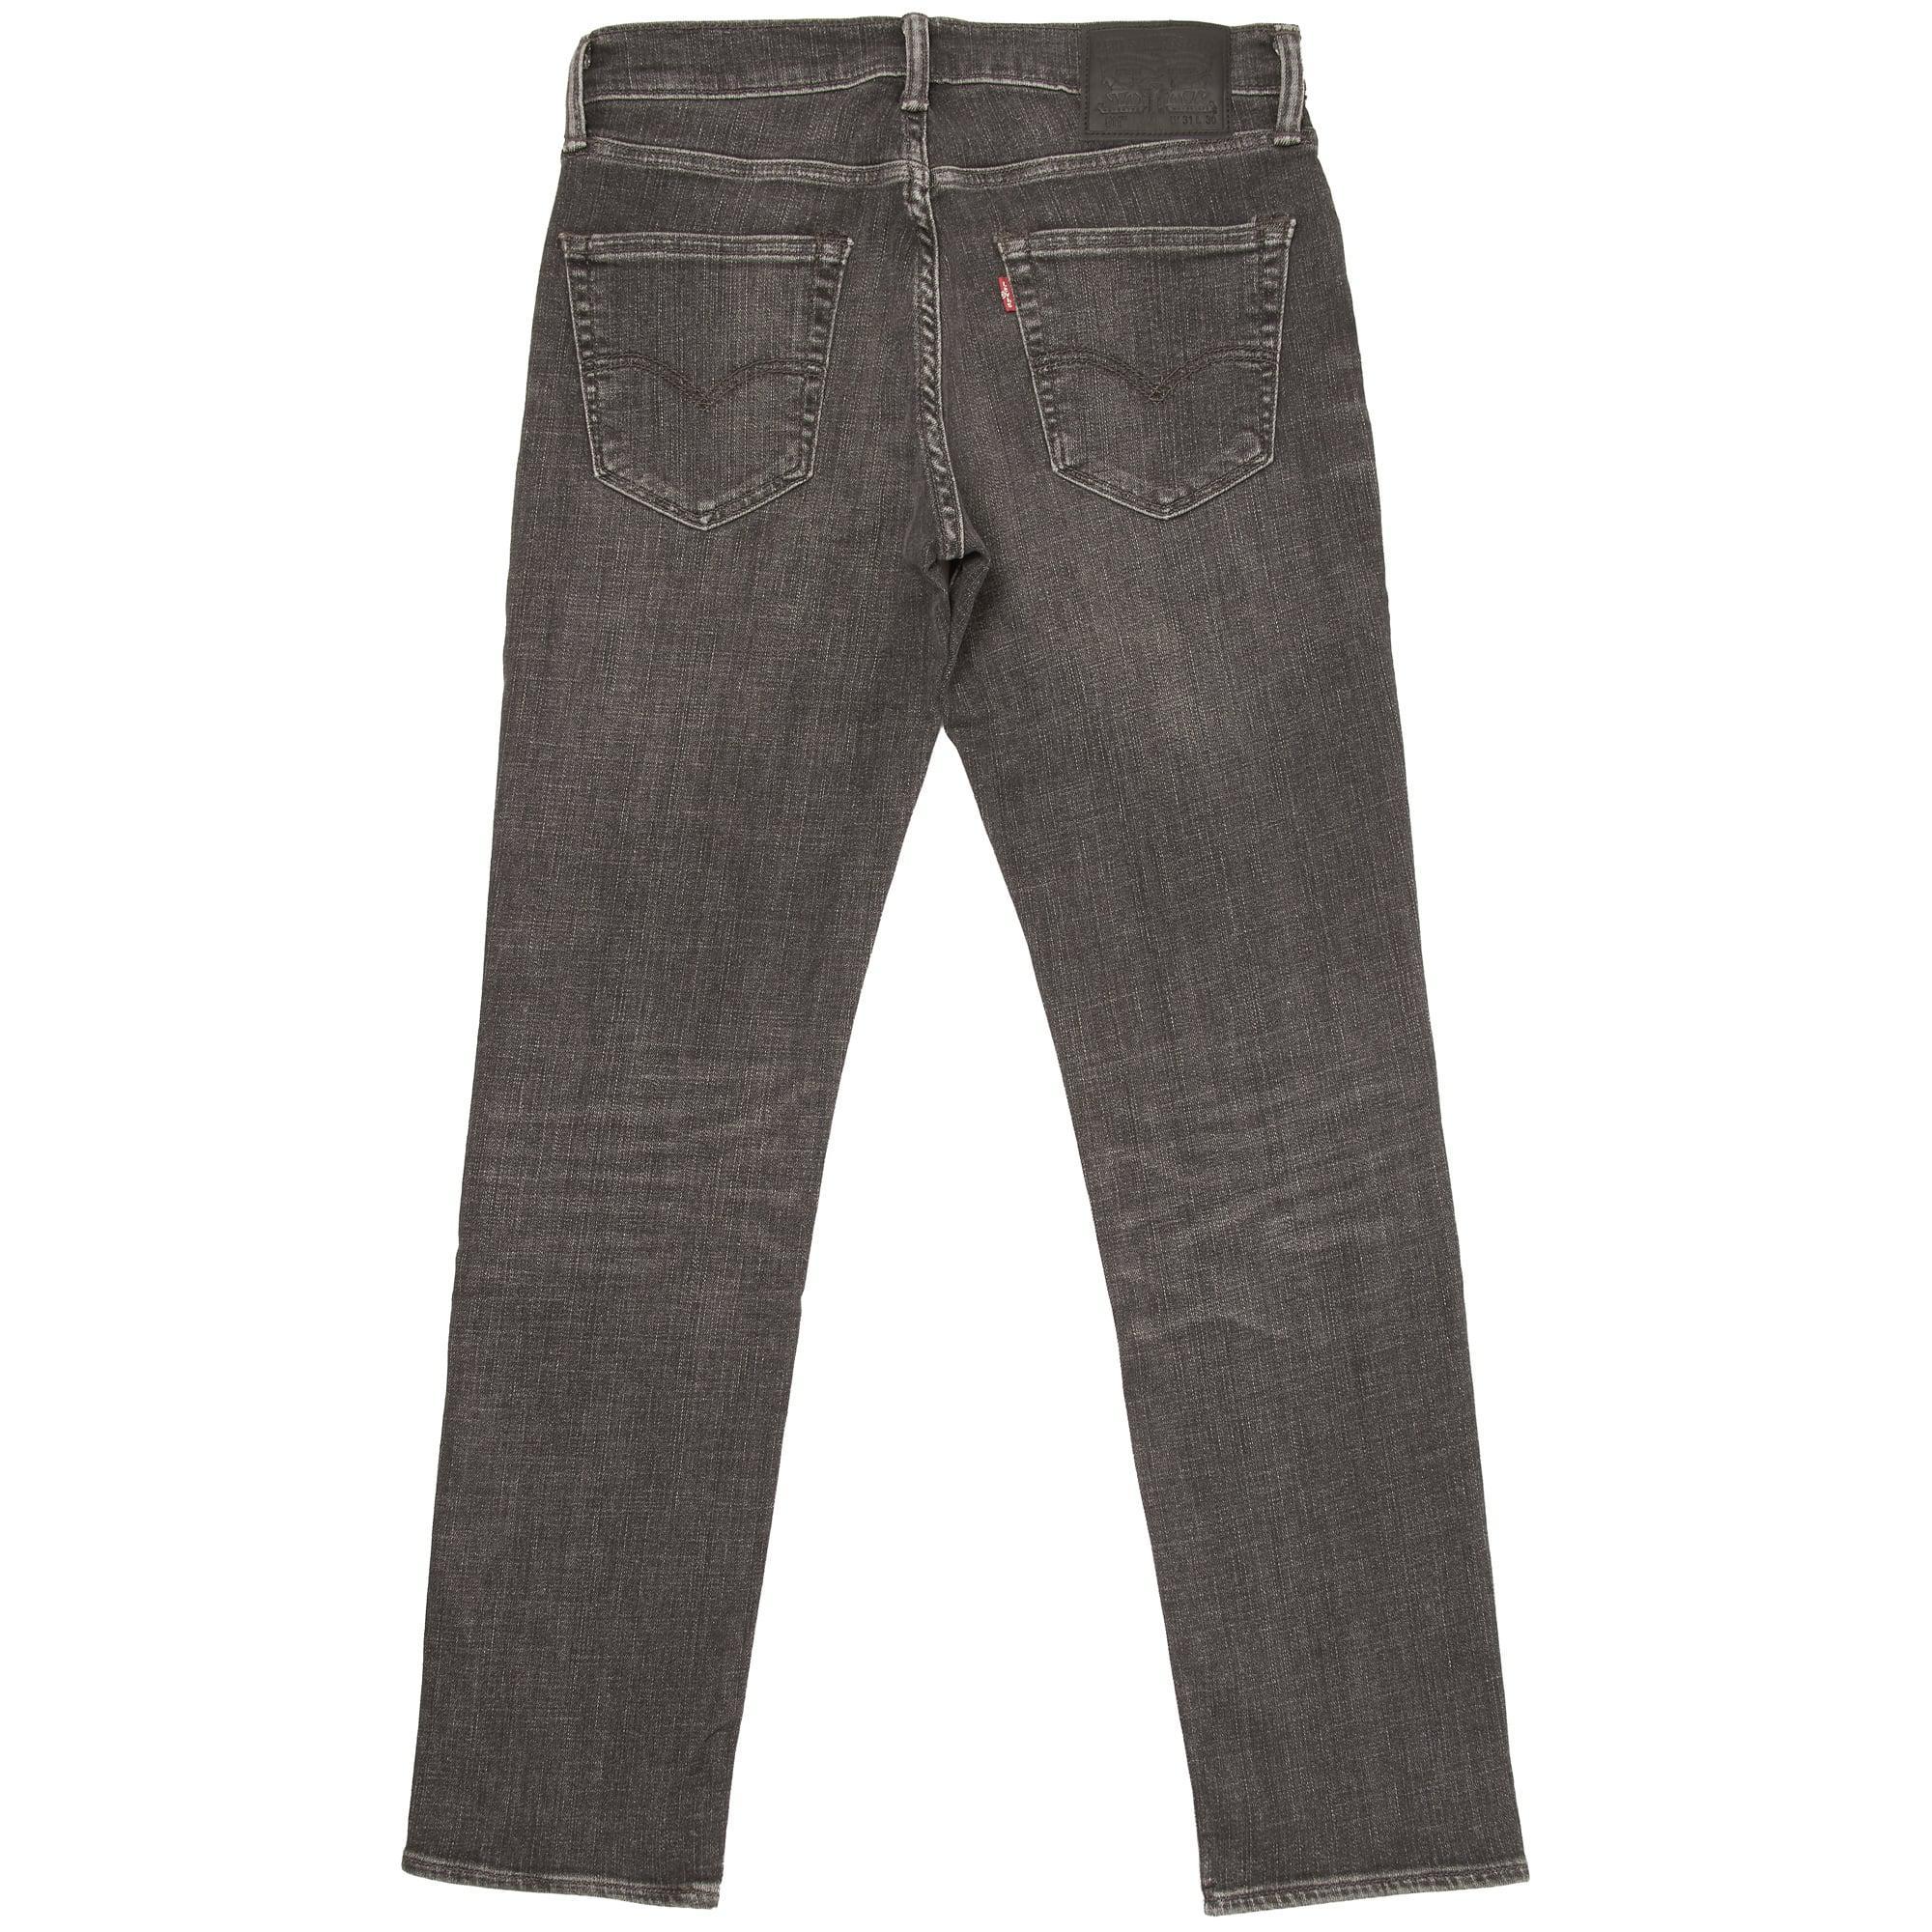 Levi's Denim 511Tm Slim Fit Jeans in Grey (Grey) for Men